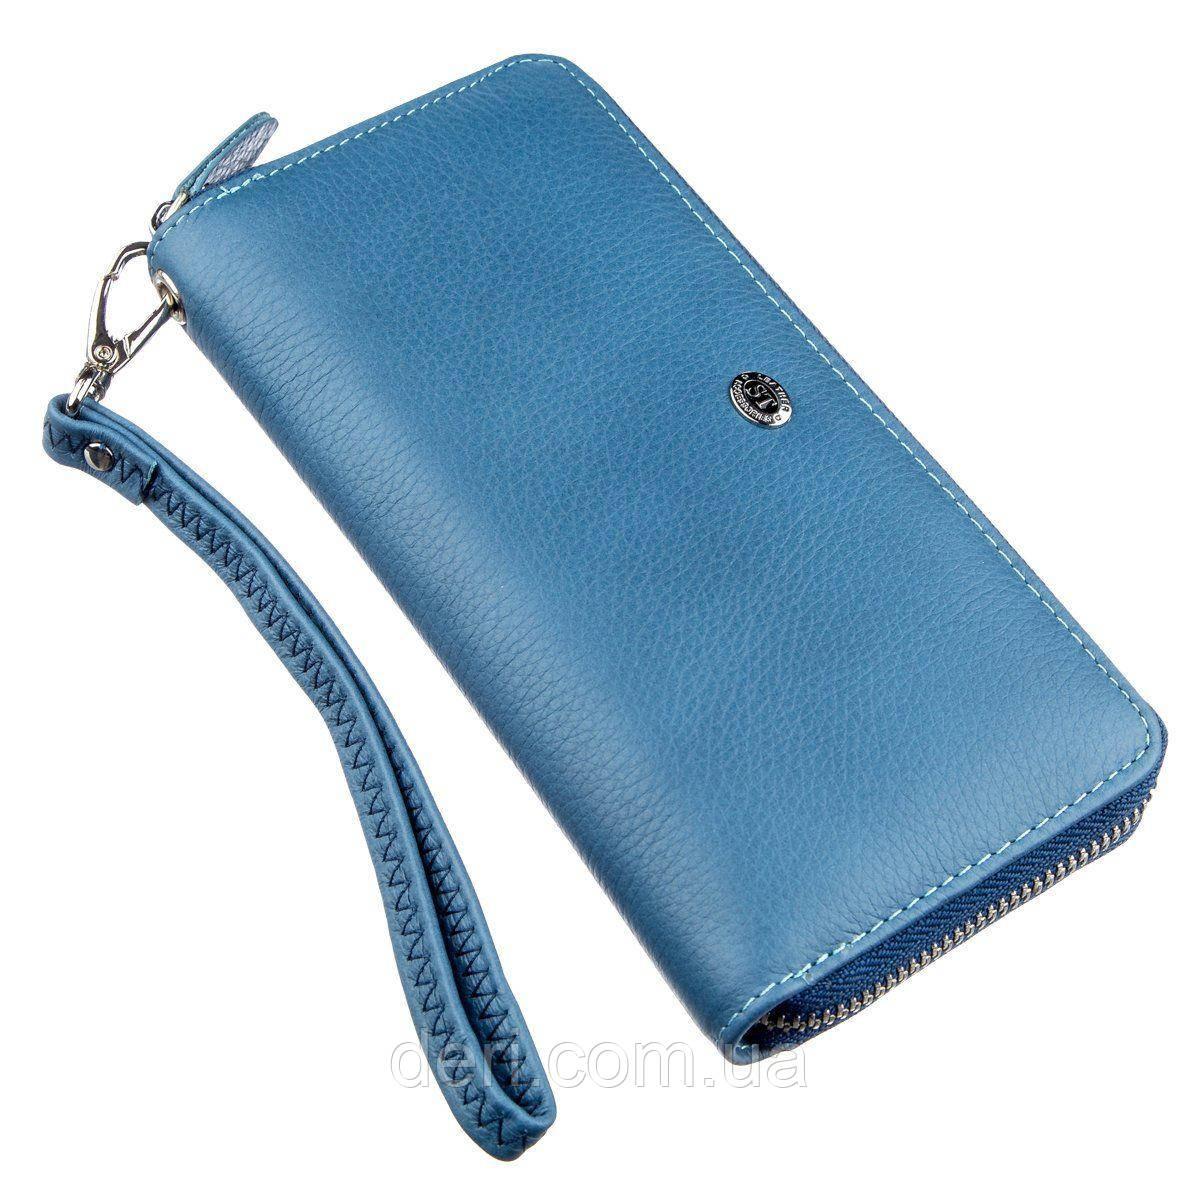 Вместительный женский клатч-кошелек голубой